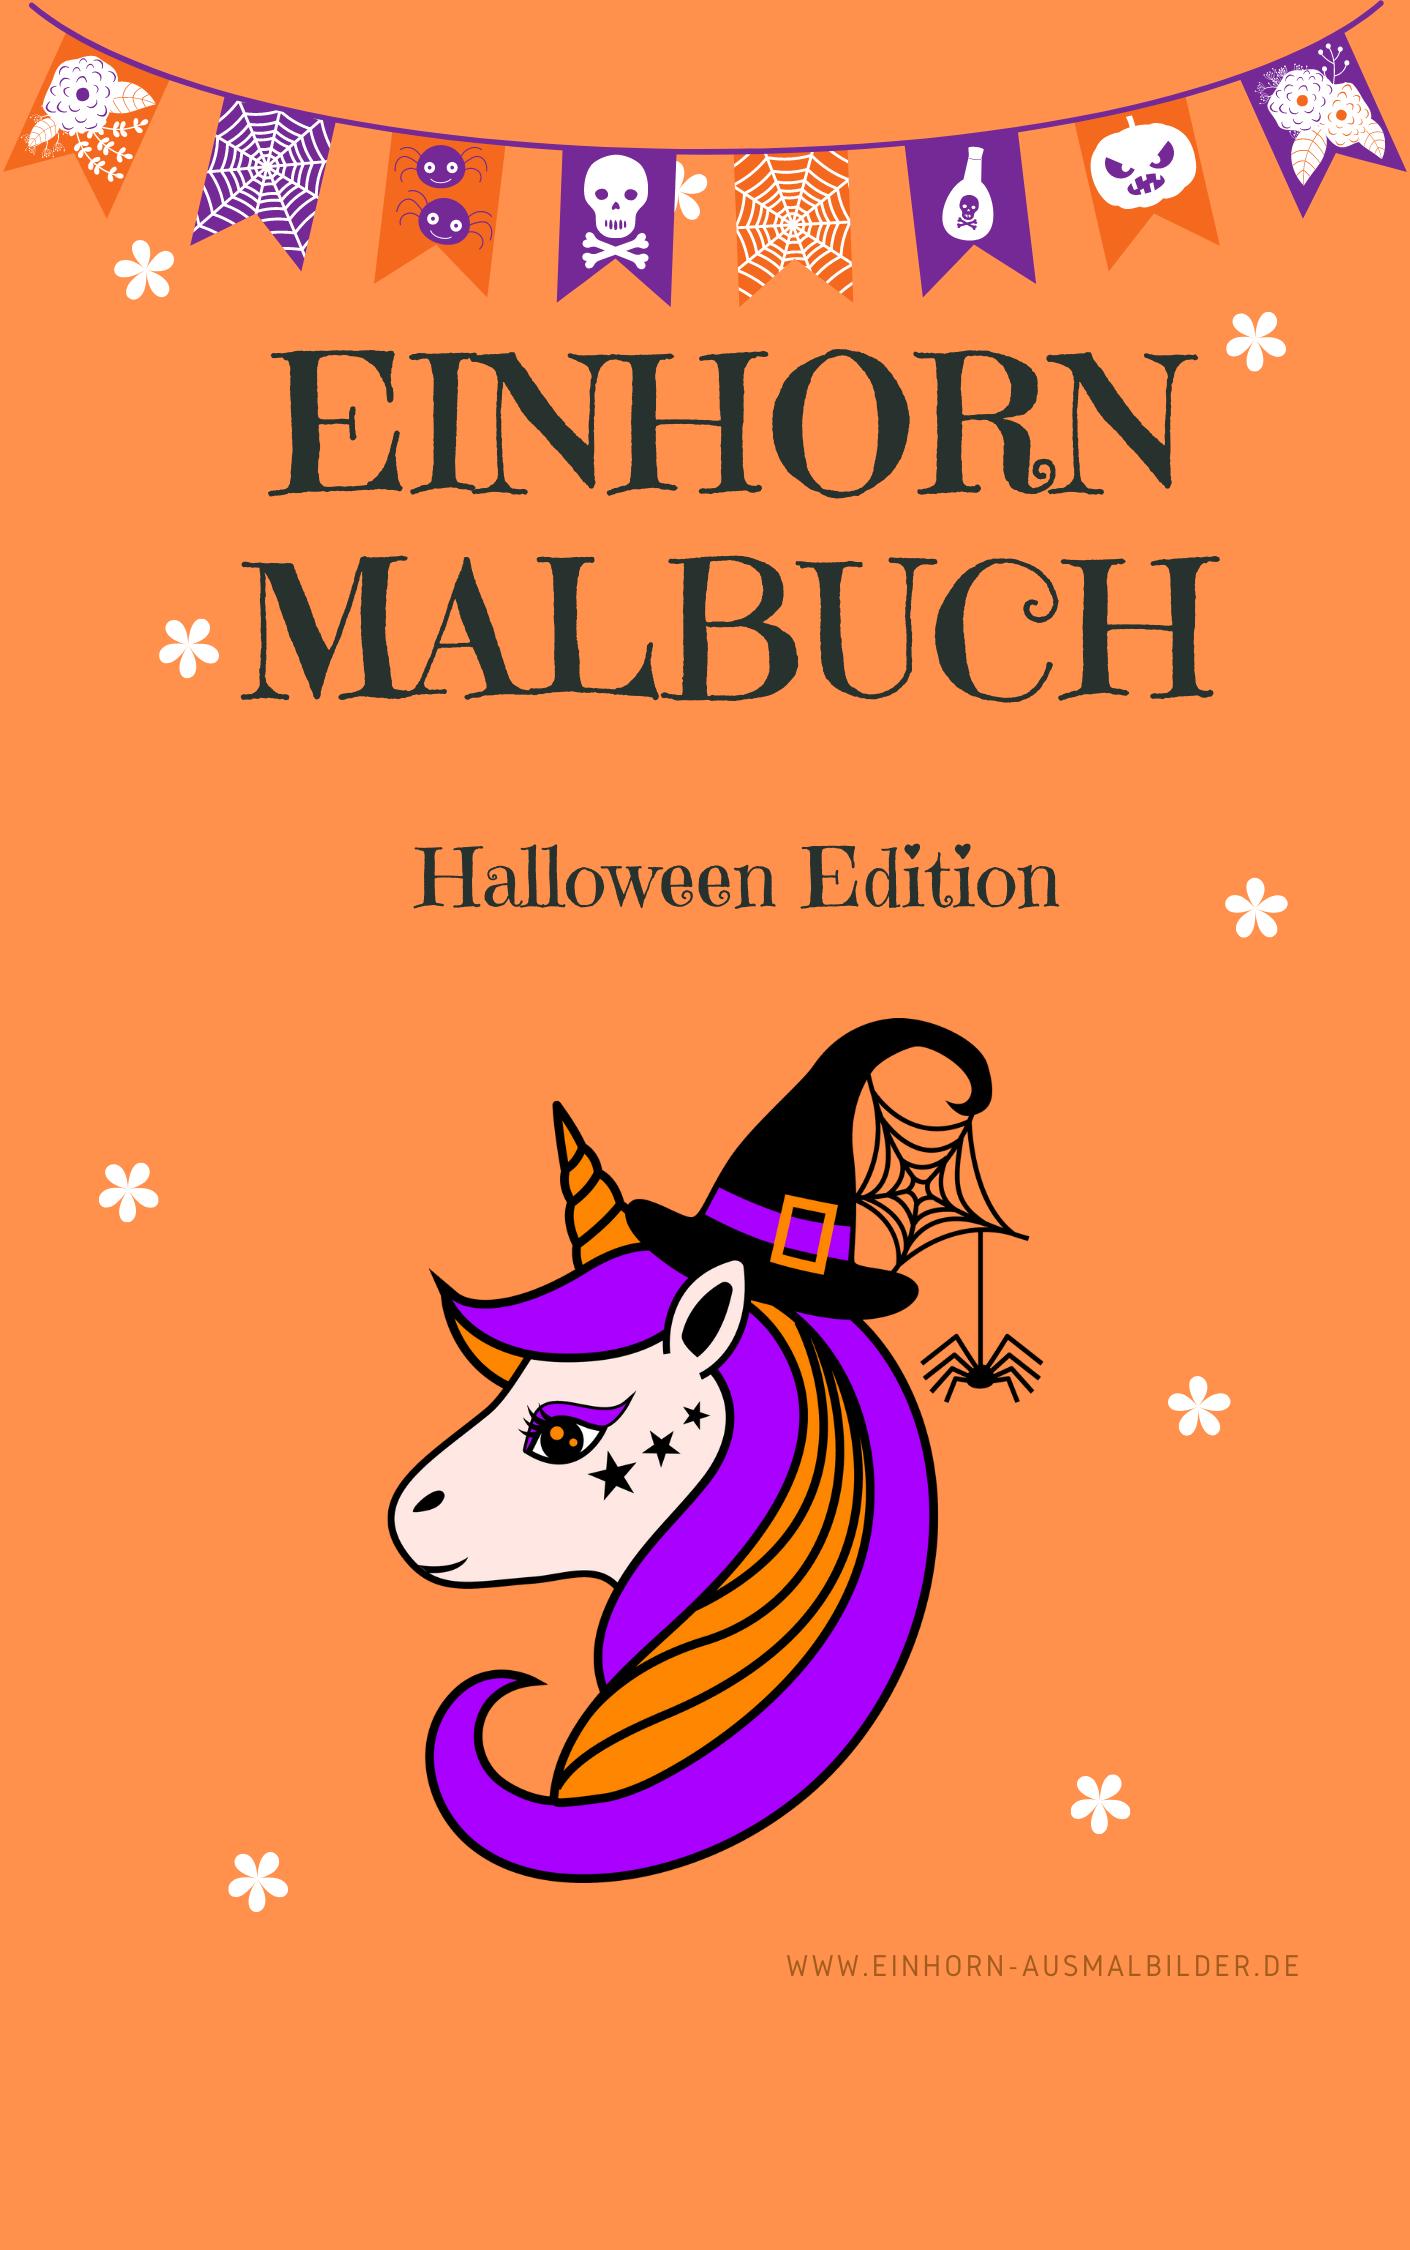 Einhorn Malbuch Halloween Edition